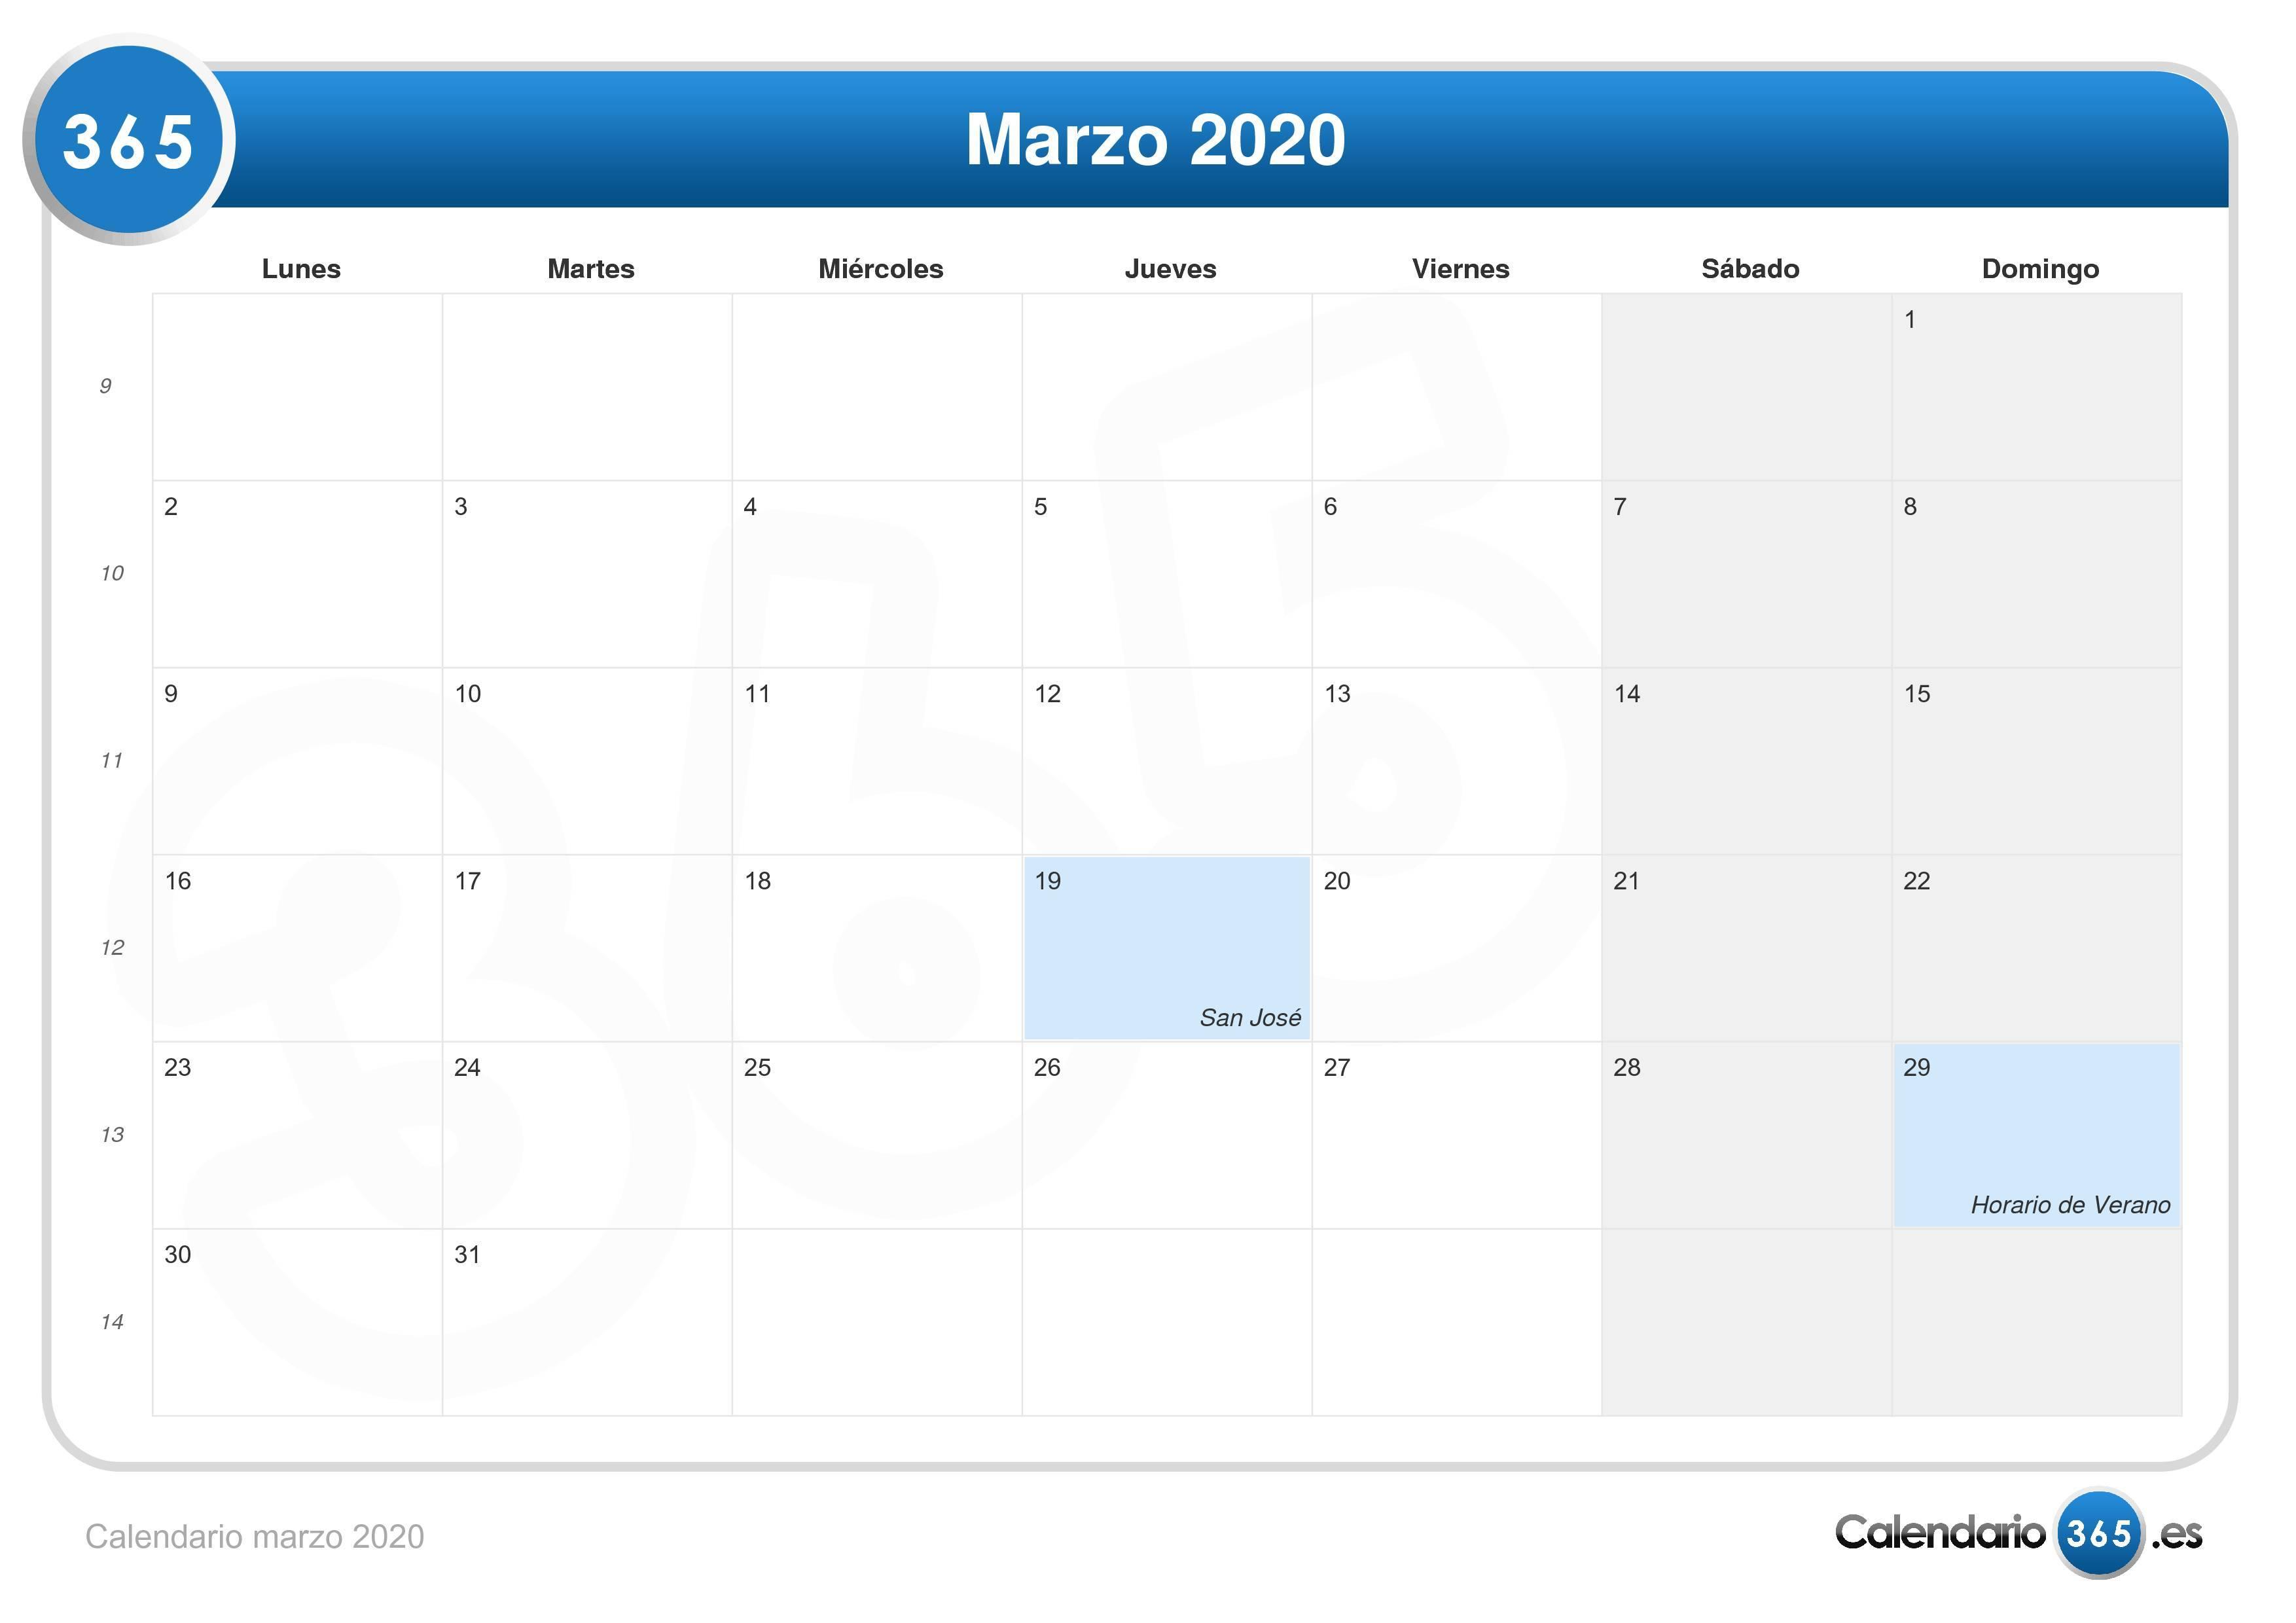 Calendario 2020 Marzo Abril.Calendario Marzo 2020